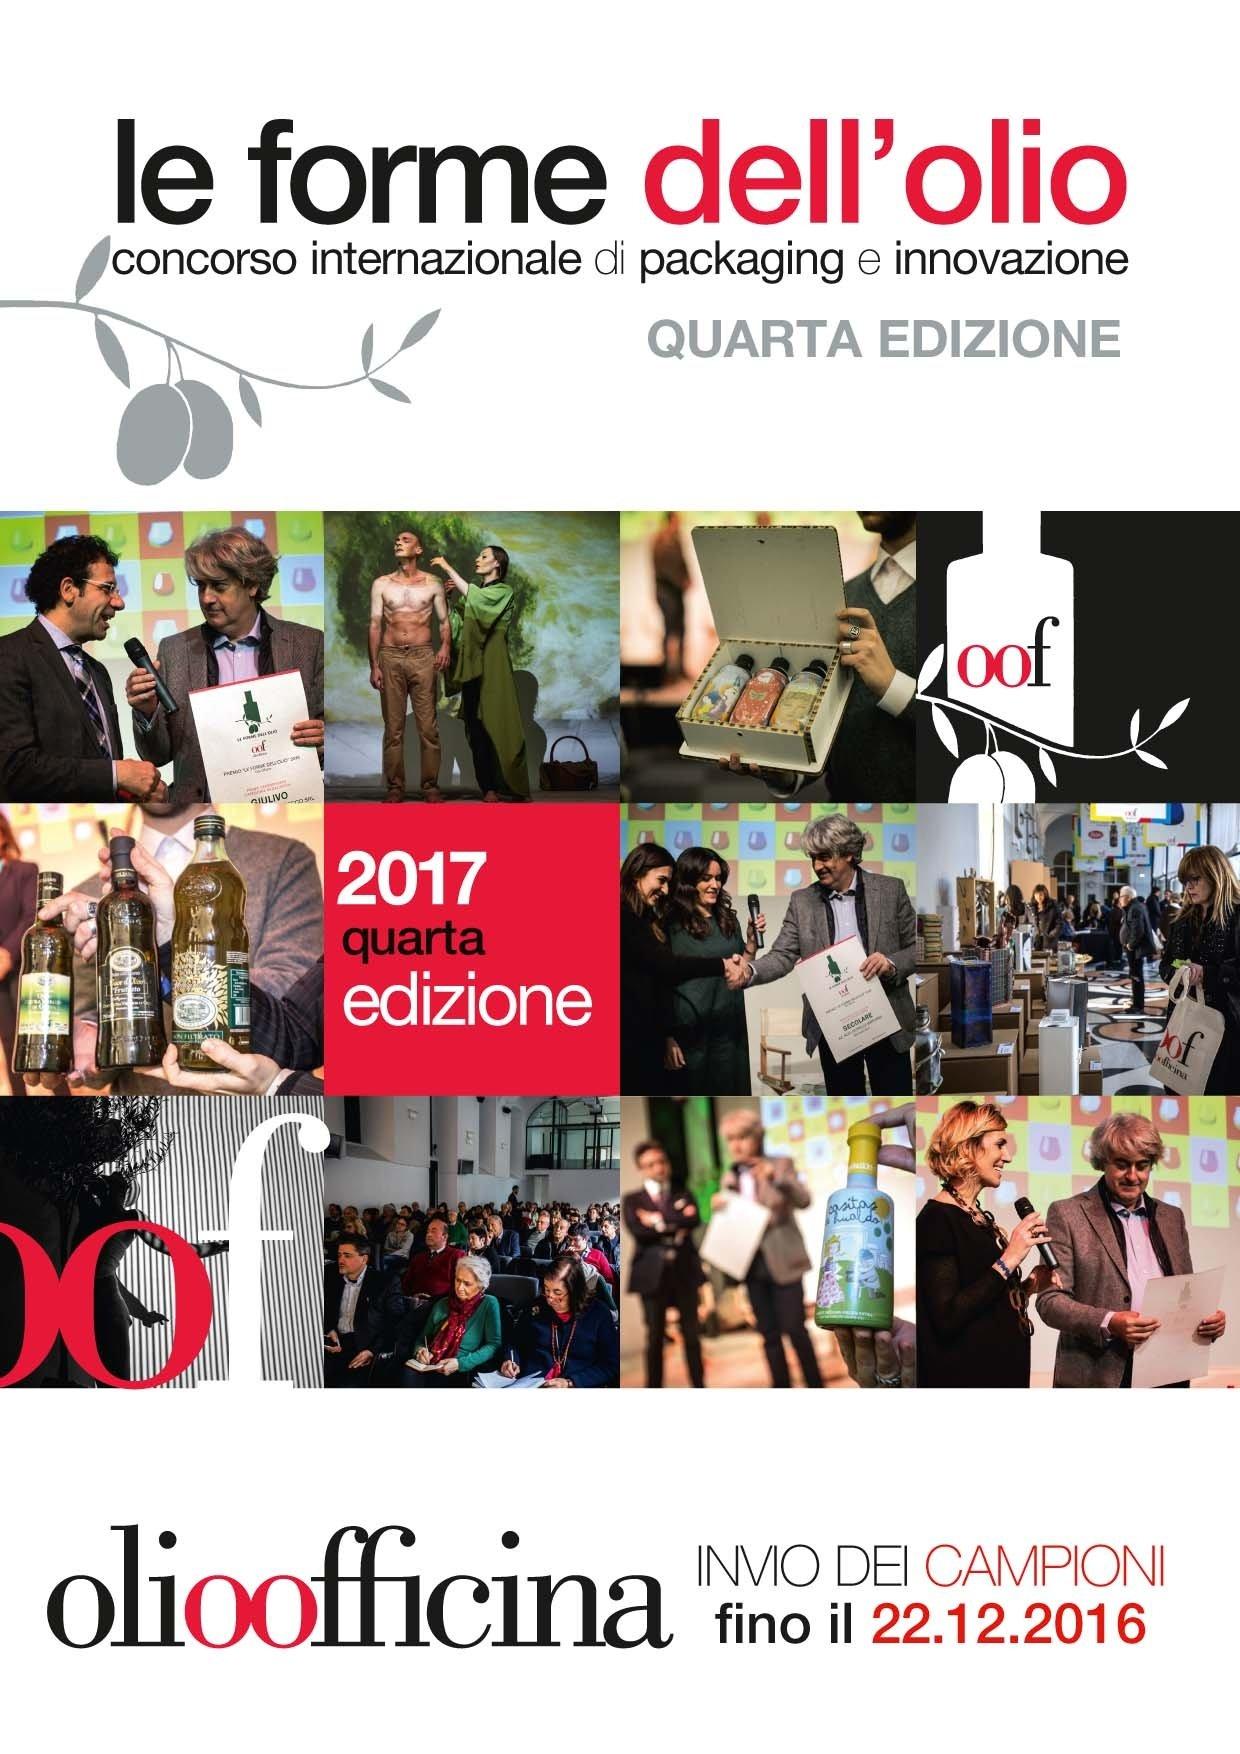 Chi vincerà il concorso sul packaging Le Forme dell'Olio 2017?